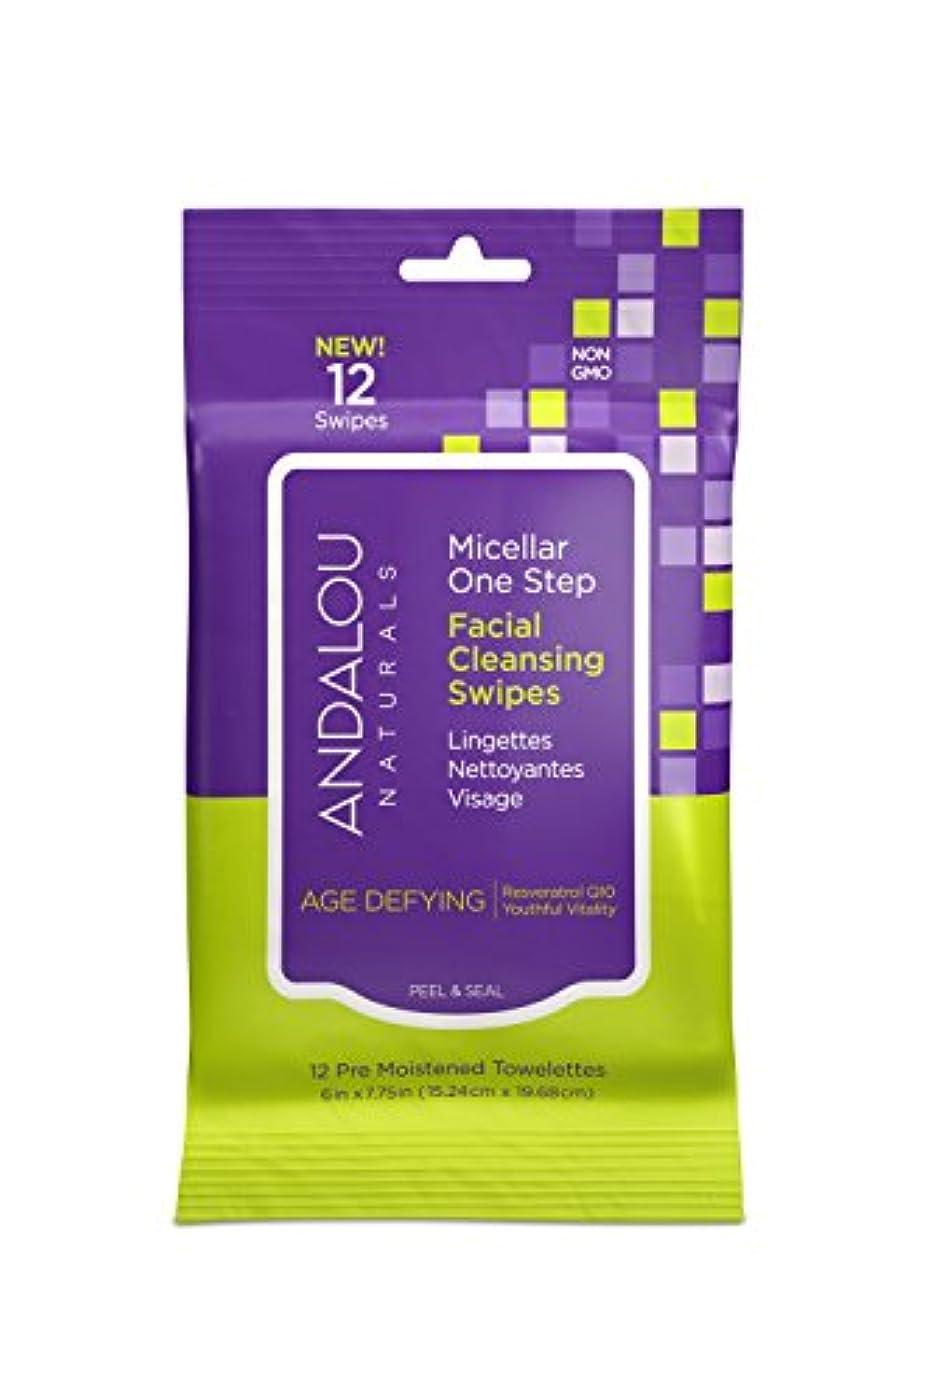 割る愛撫ゆるいオーガニック ボタニカル クレンジングシート 洗顔シート ナチュラル フルーツ幹細胞 「 Aミセラスワイプ 12枚入り 」 ANDALOU naturals アンダルー ナチュラルズ